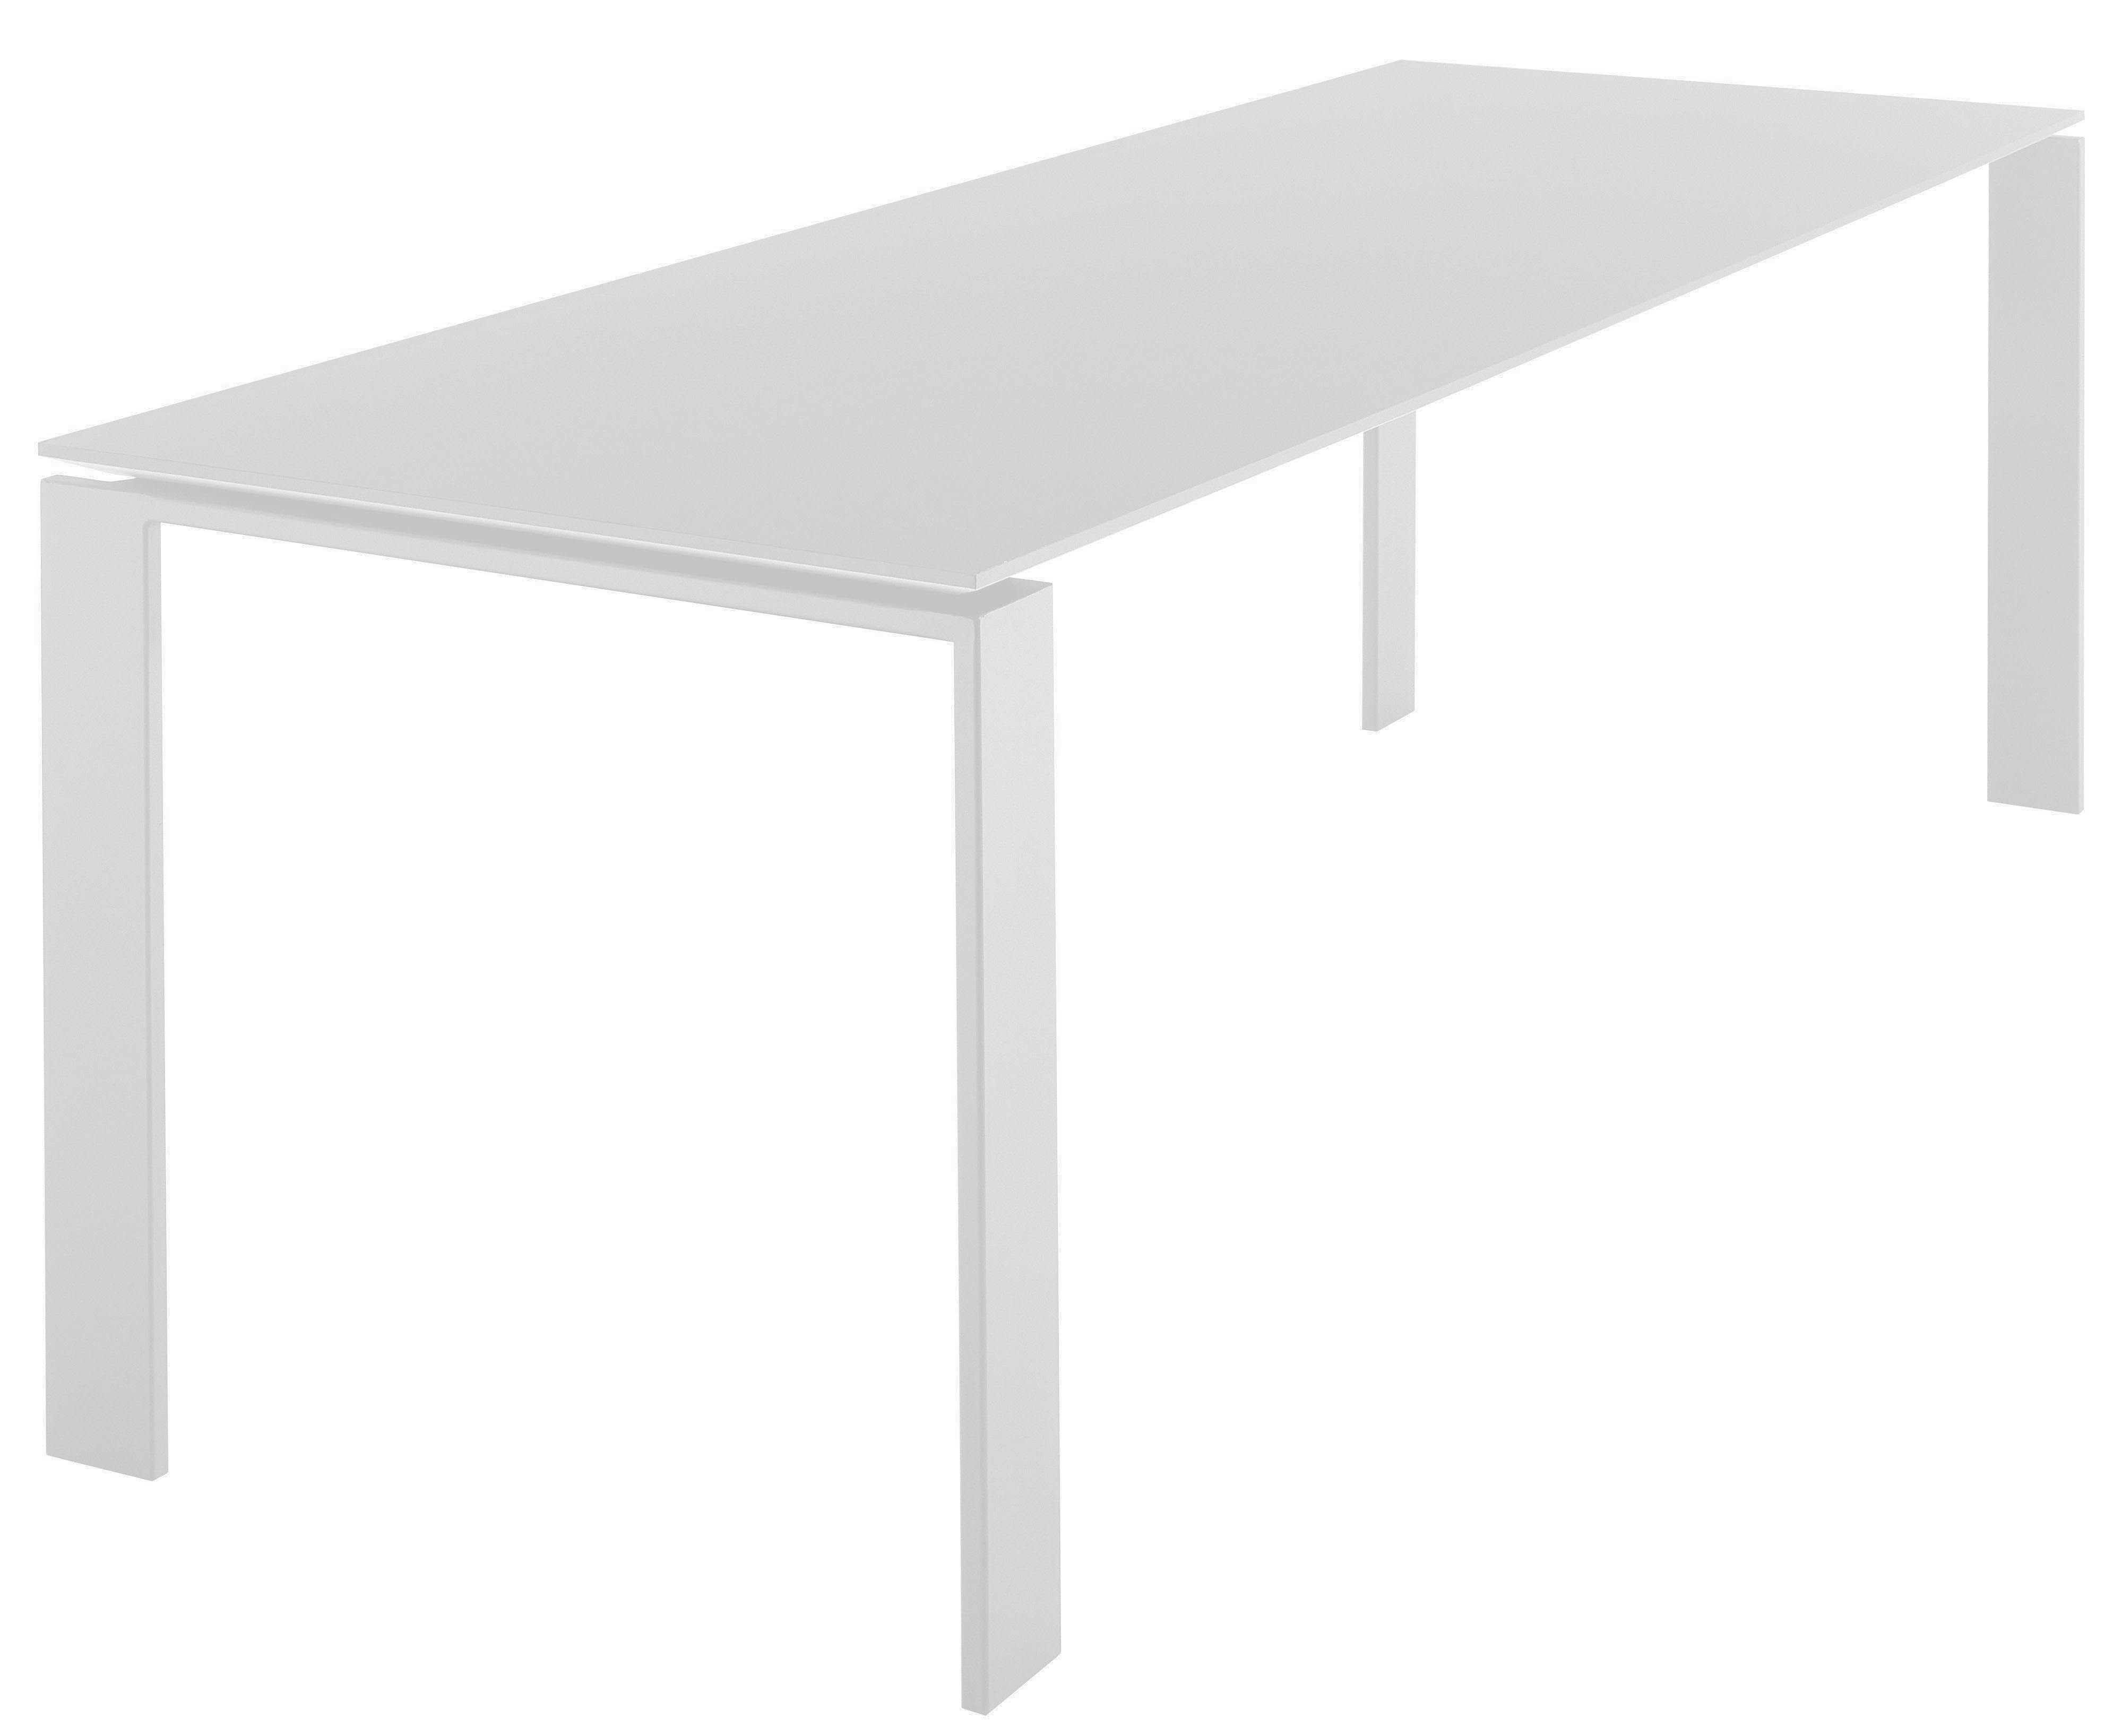 Mobilier - Tables - Table Four / L 158 cm - Kartell - Blanc - Acier verni, Laminé